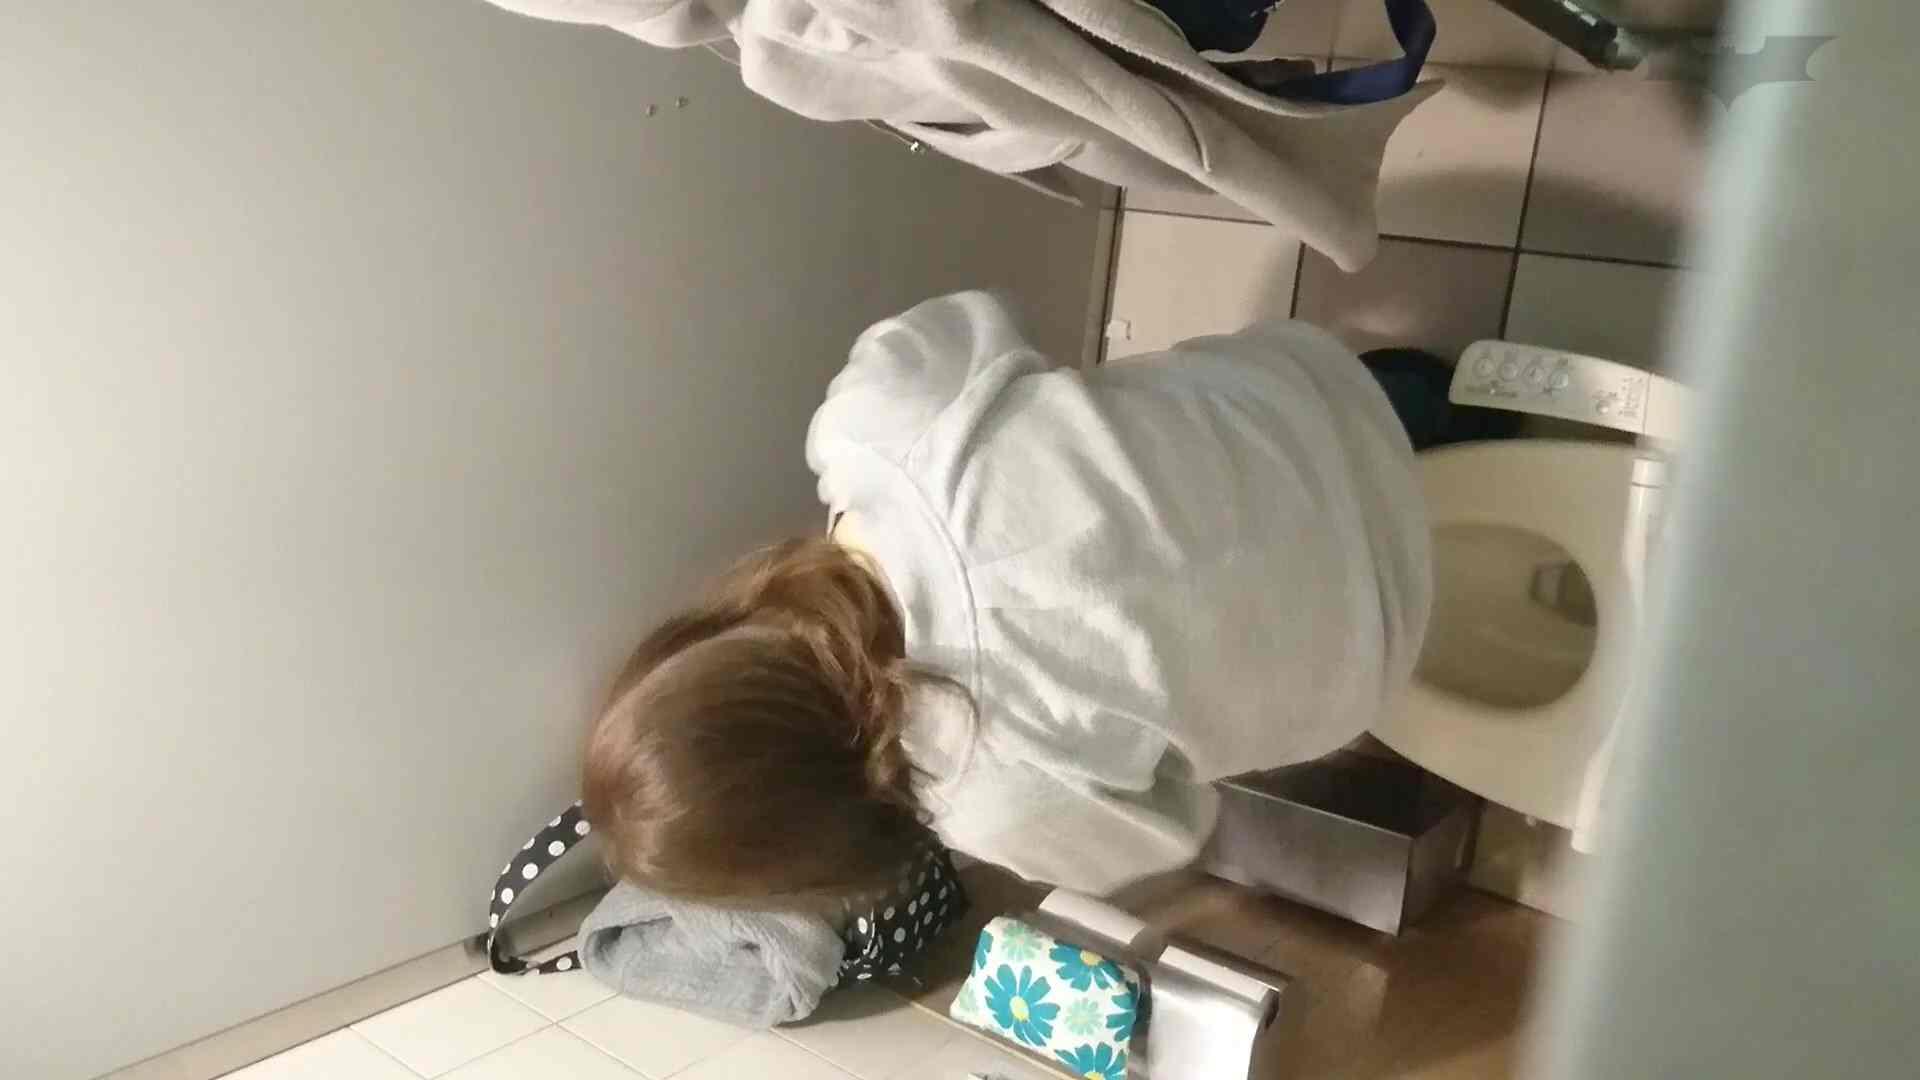 化粧室絵巻 ショッピングモール編 VOL.11 0  98連発 60